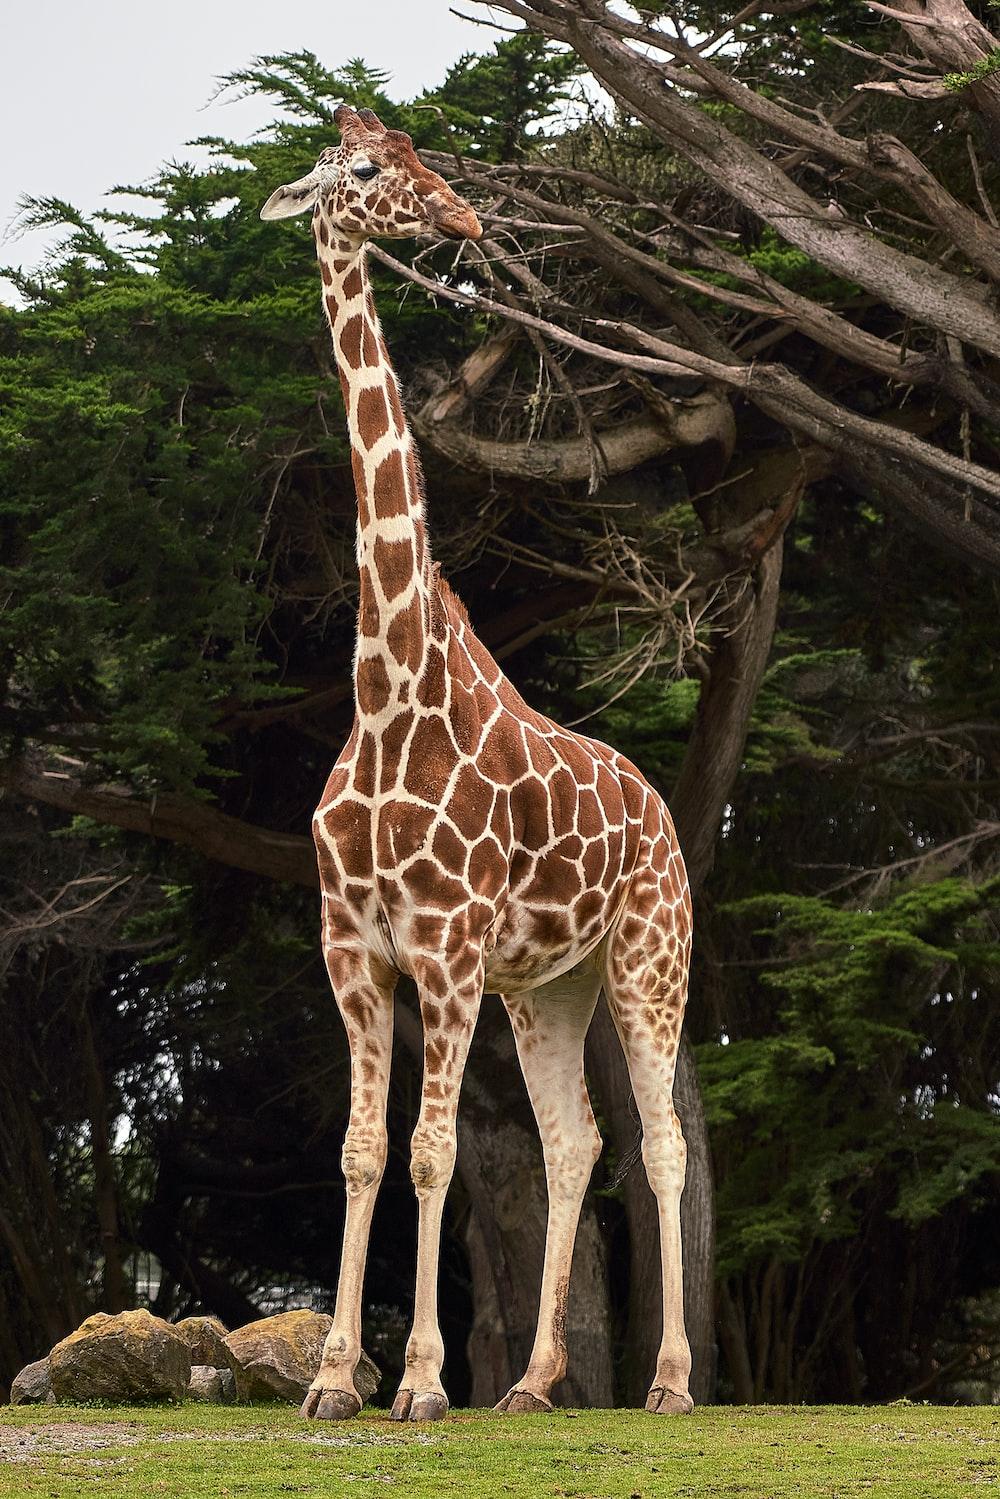 giraffe standing near tree at daytime